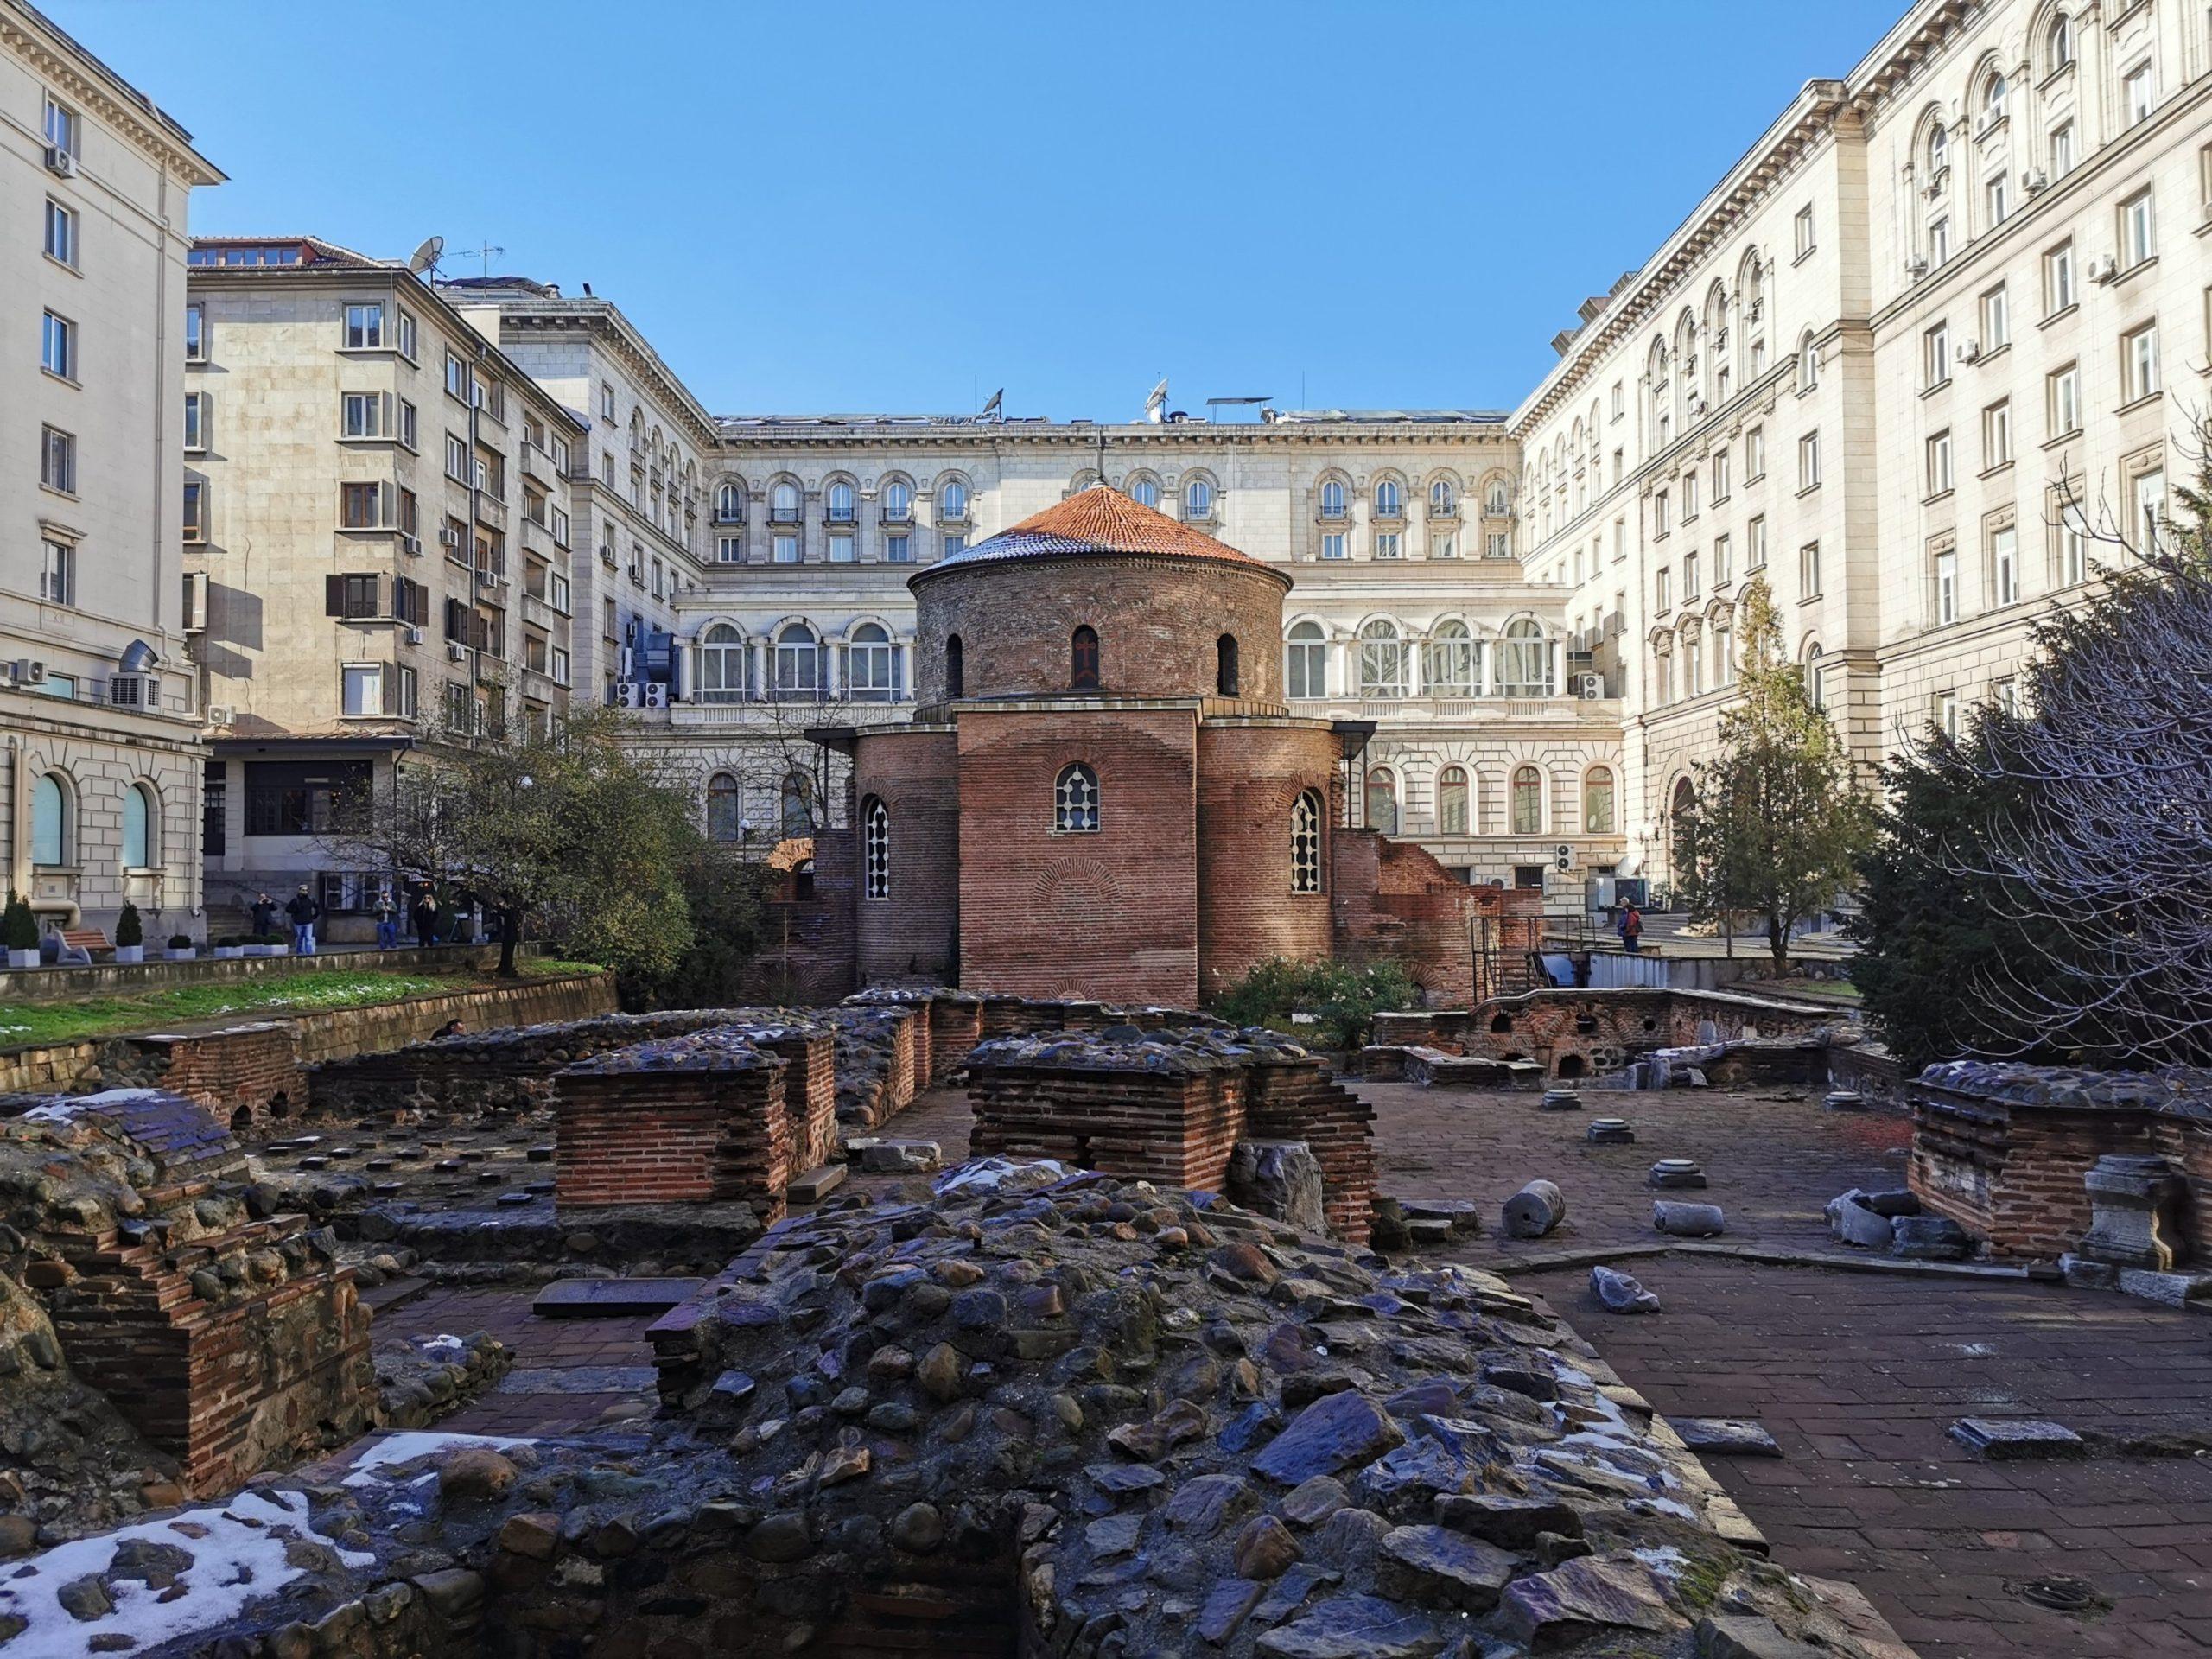 Cerkiew św. Jerzego - najstarszy budynek w Sofii - kiedyś kościół, potem meczet, obecnie cerkiew (a w tle trochę komuny)